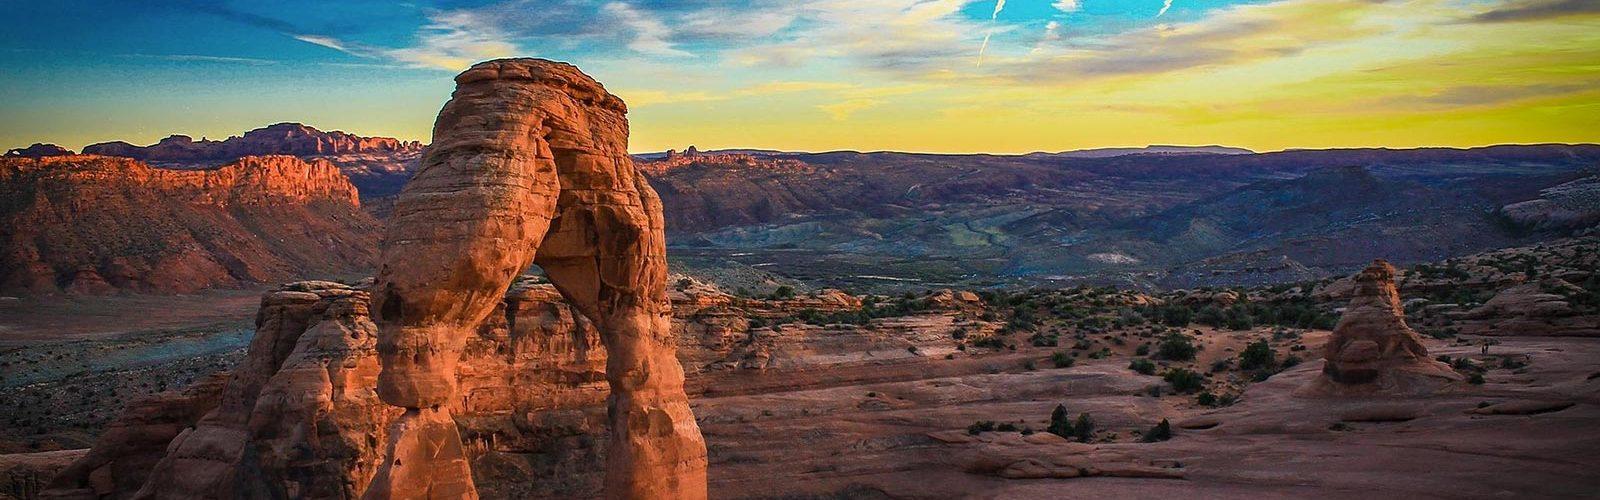 parcs-nationaux-americains-visite-activites-pass-une